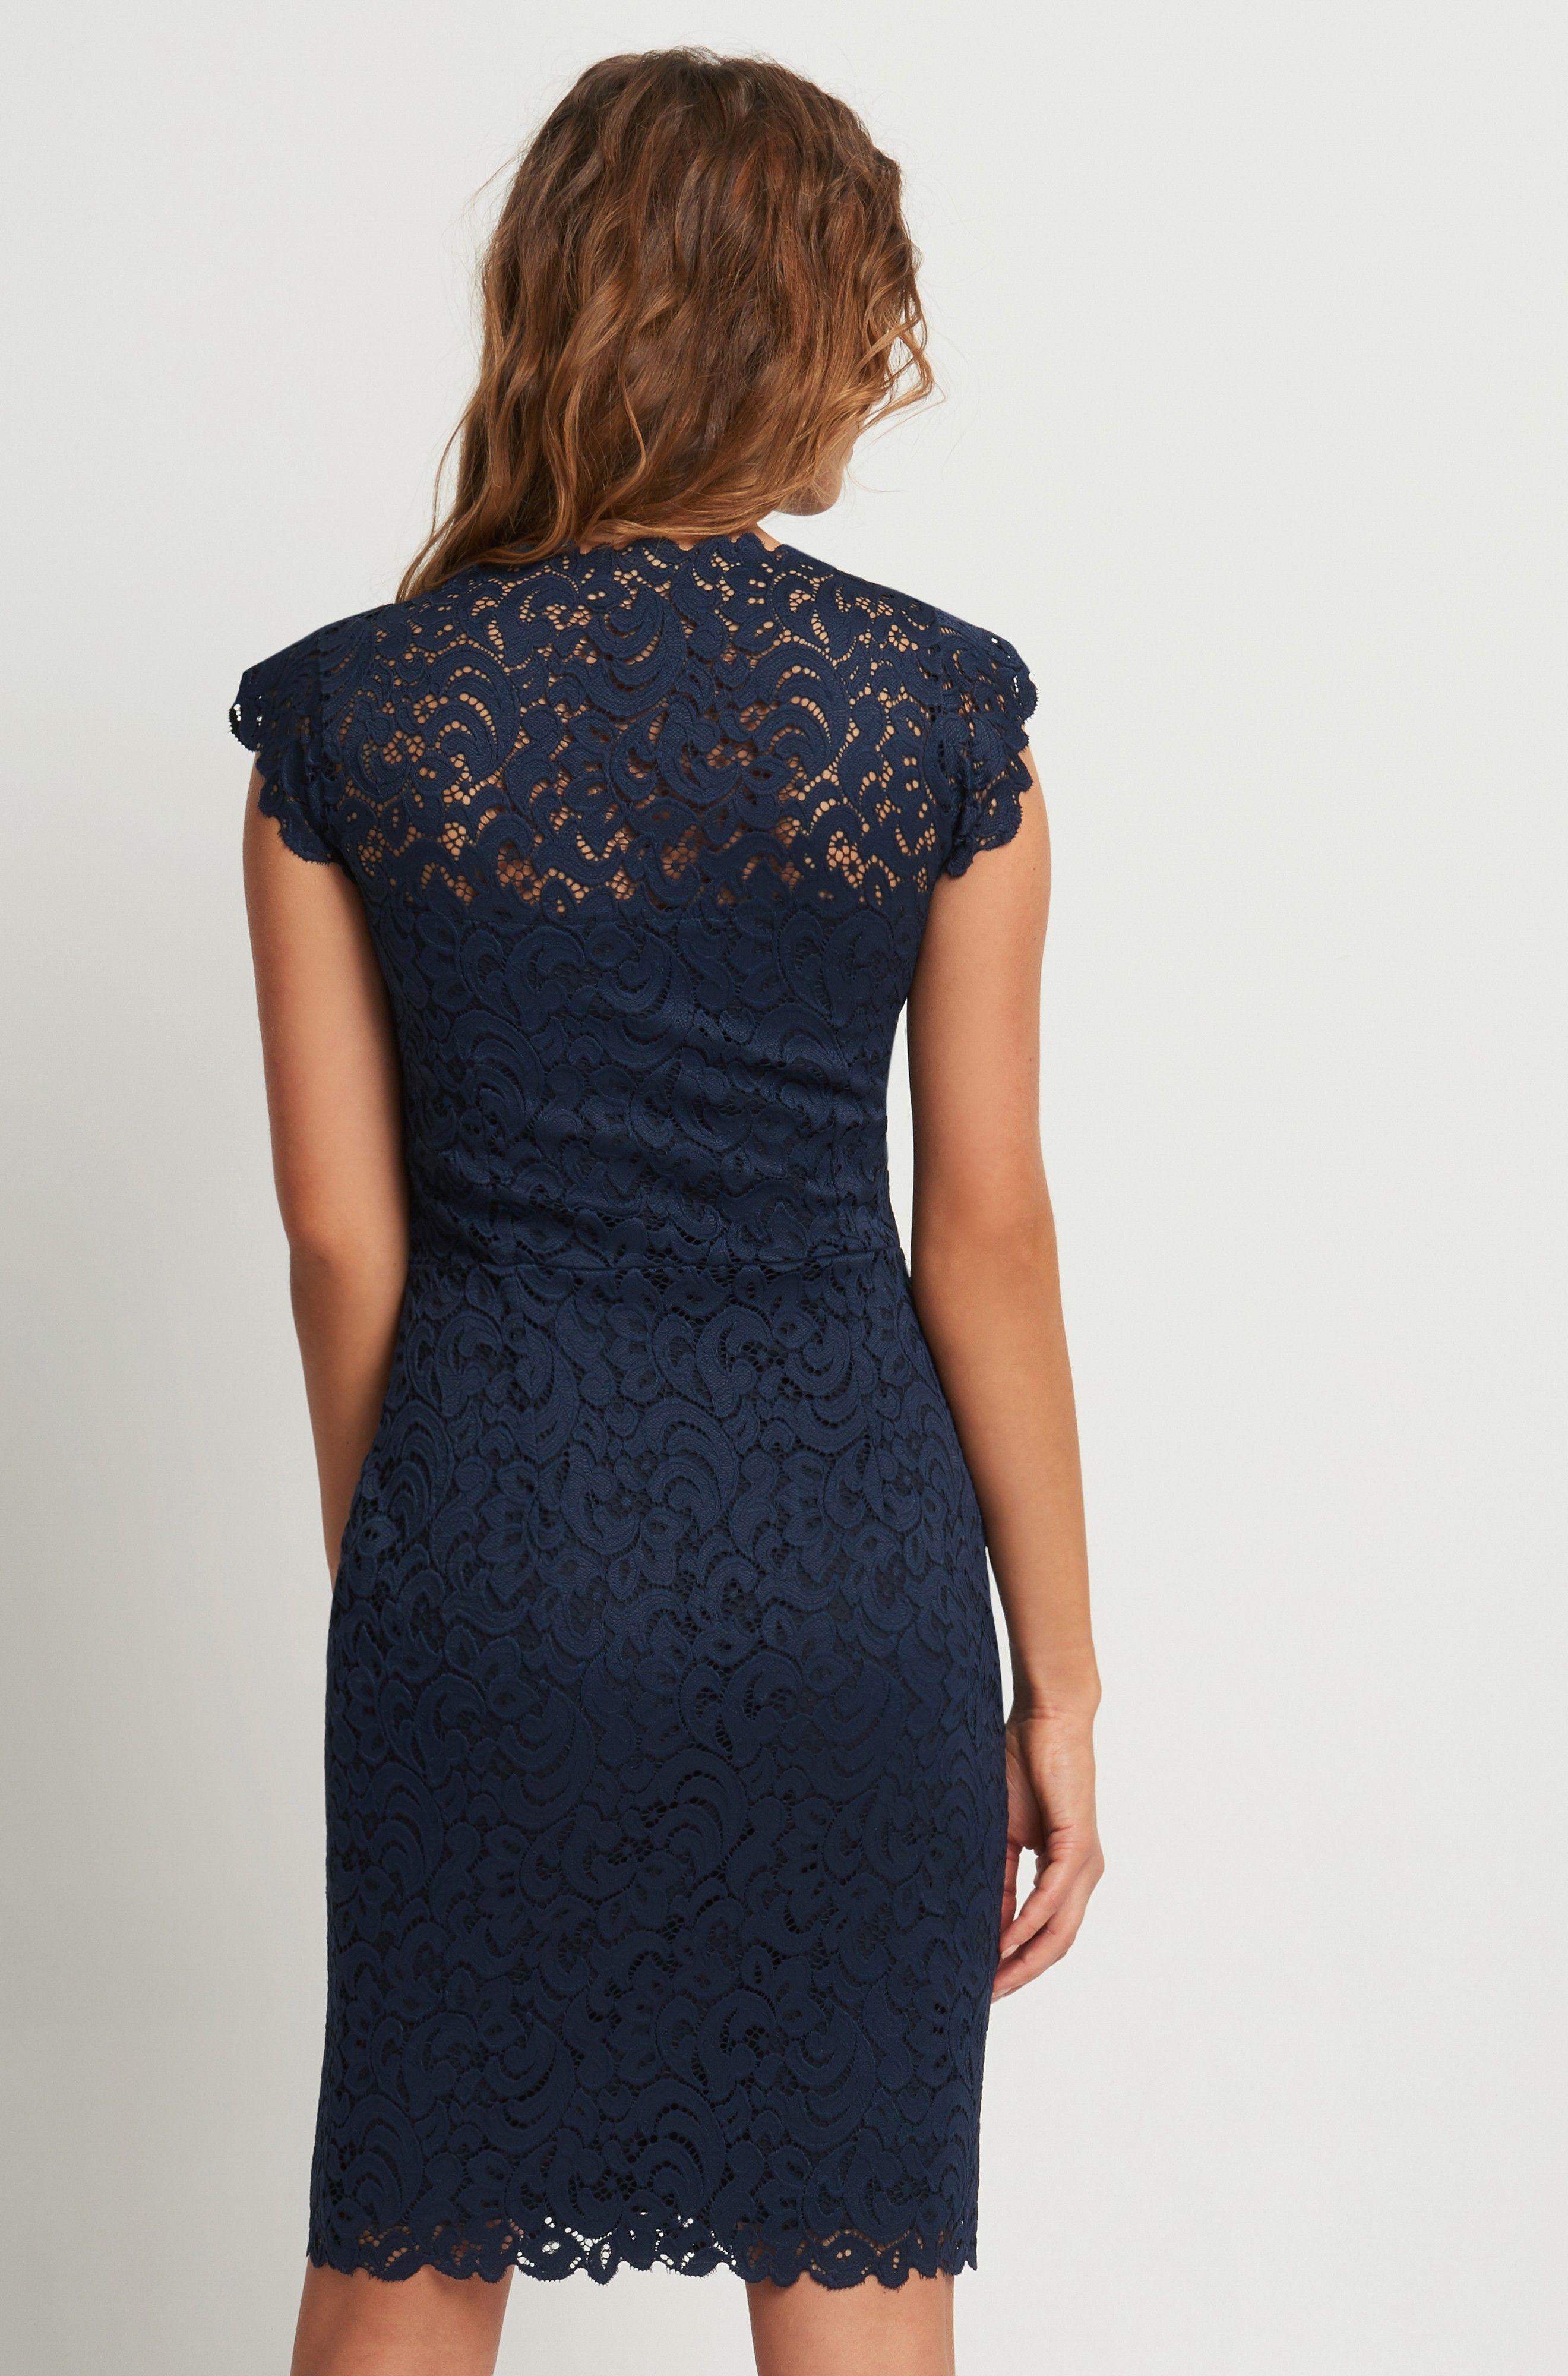 Bardzo dobra Ołówkowa sukienka z koronki | Orsay w 2019 | Formal dresses WF91